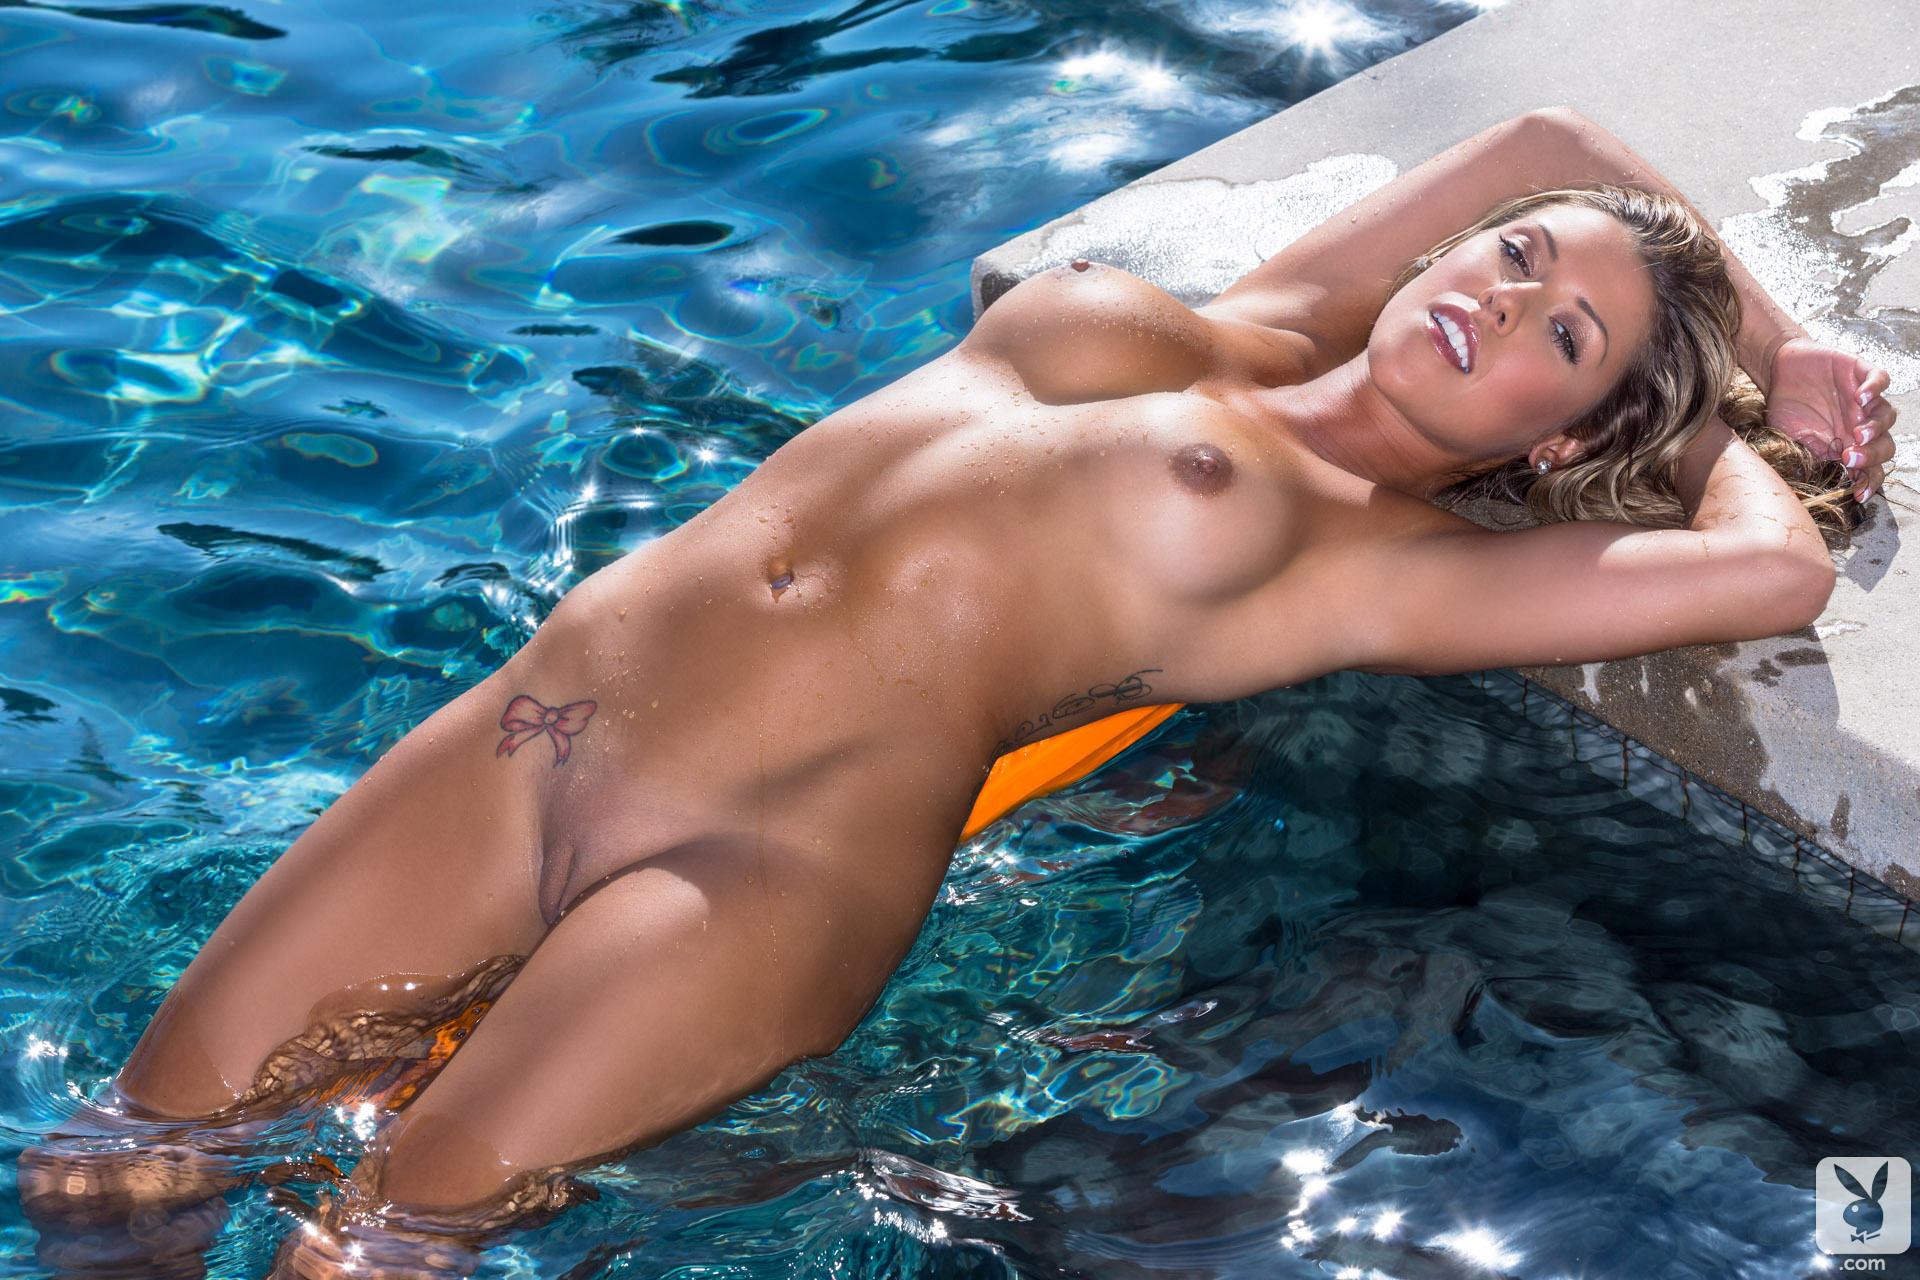 Елена голой купается и позирует под водой